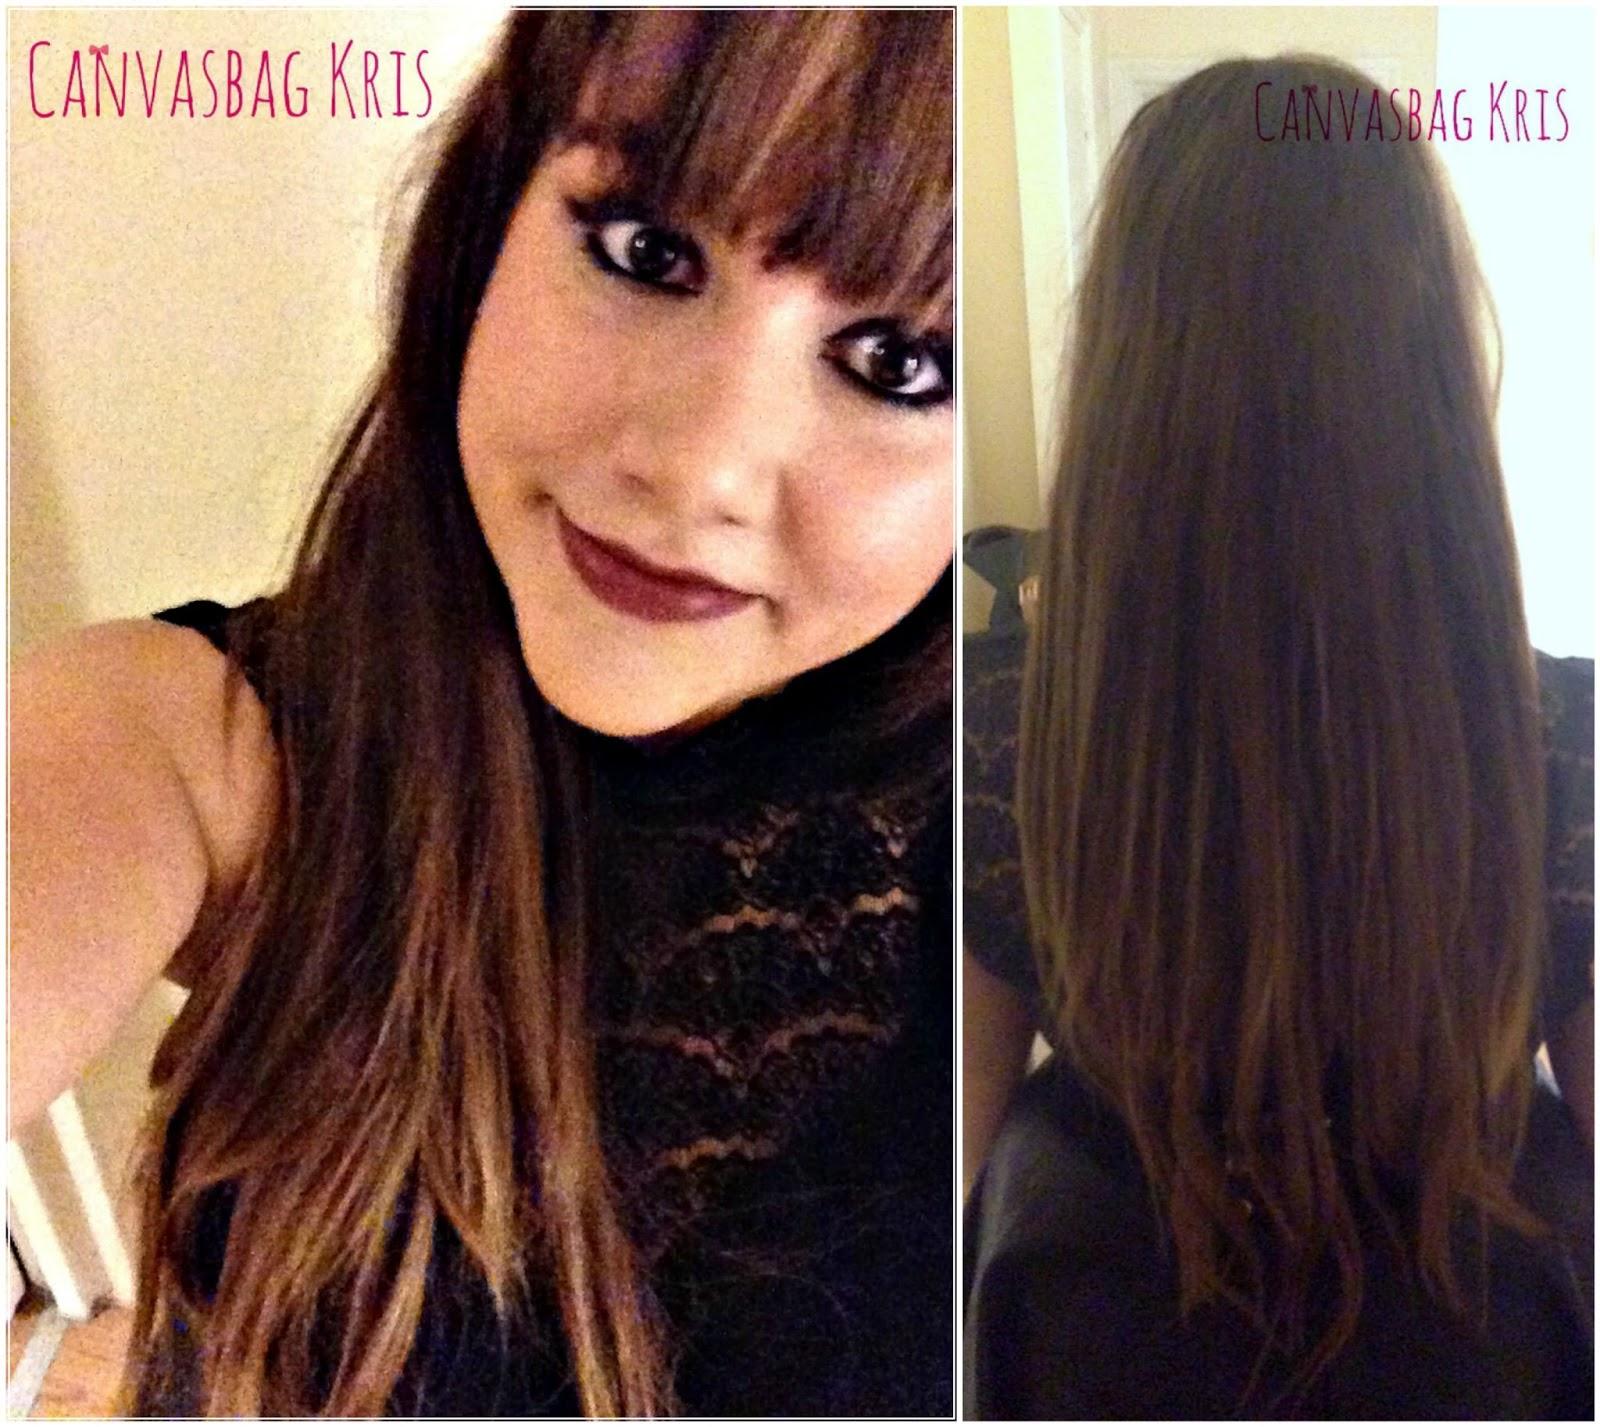 Canvasbag Kris Rapunzel Hair Irresistable Me Hair Extensions